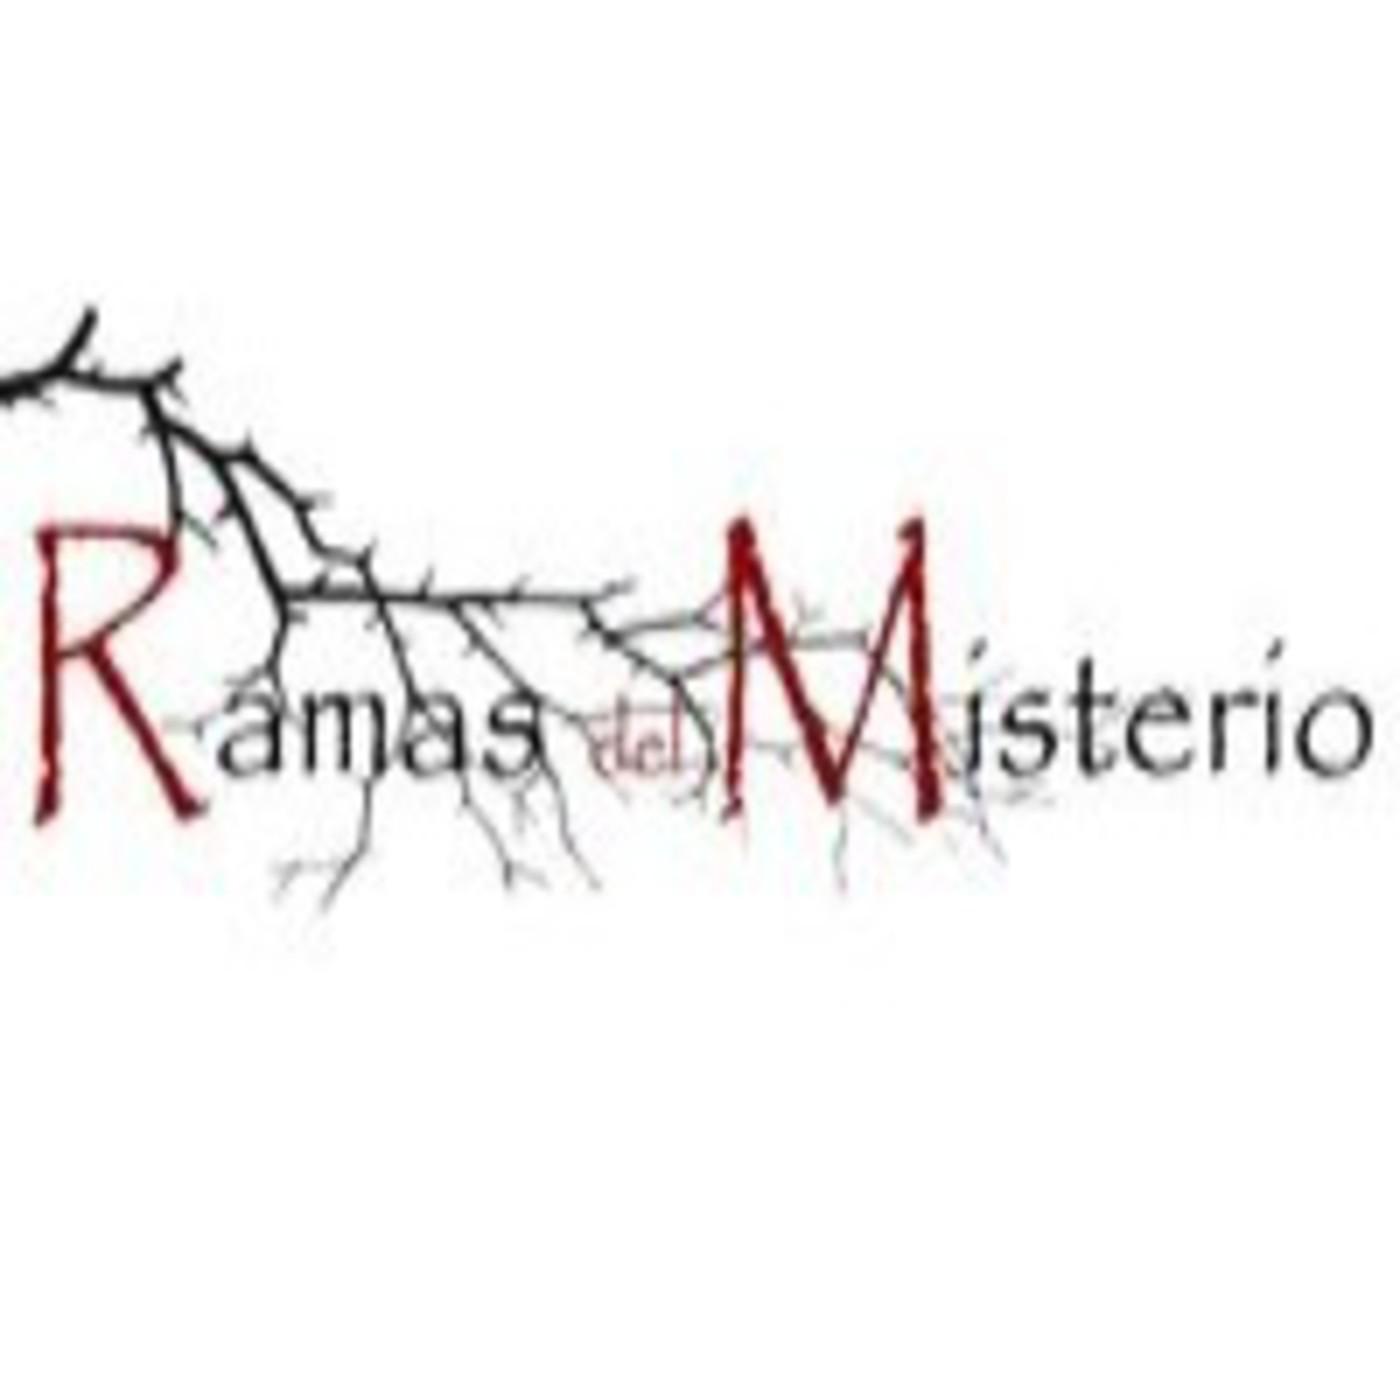 Ramas Del Misterio 2x06 - Vida después de la muerte - Entrevista a Enrique Muñoz.